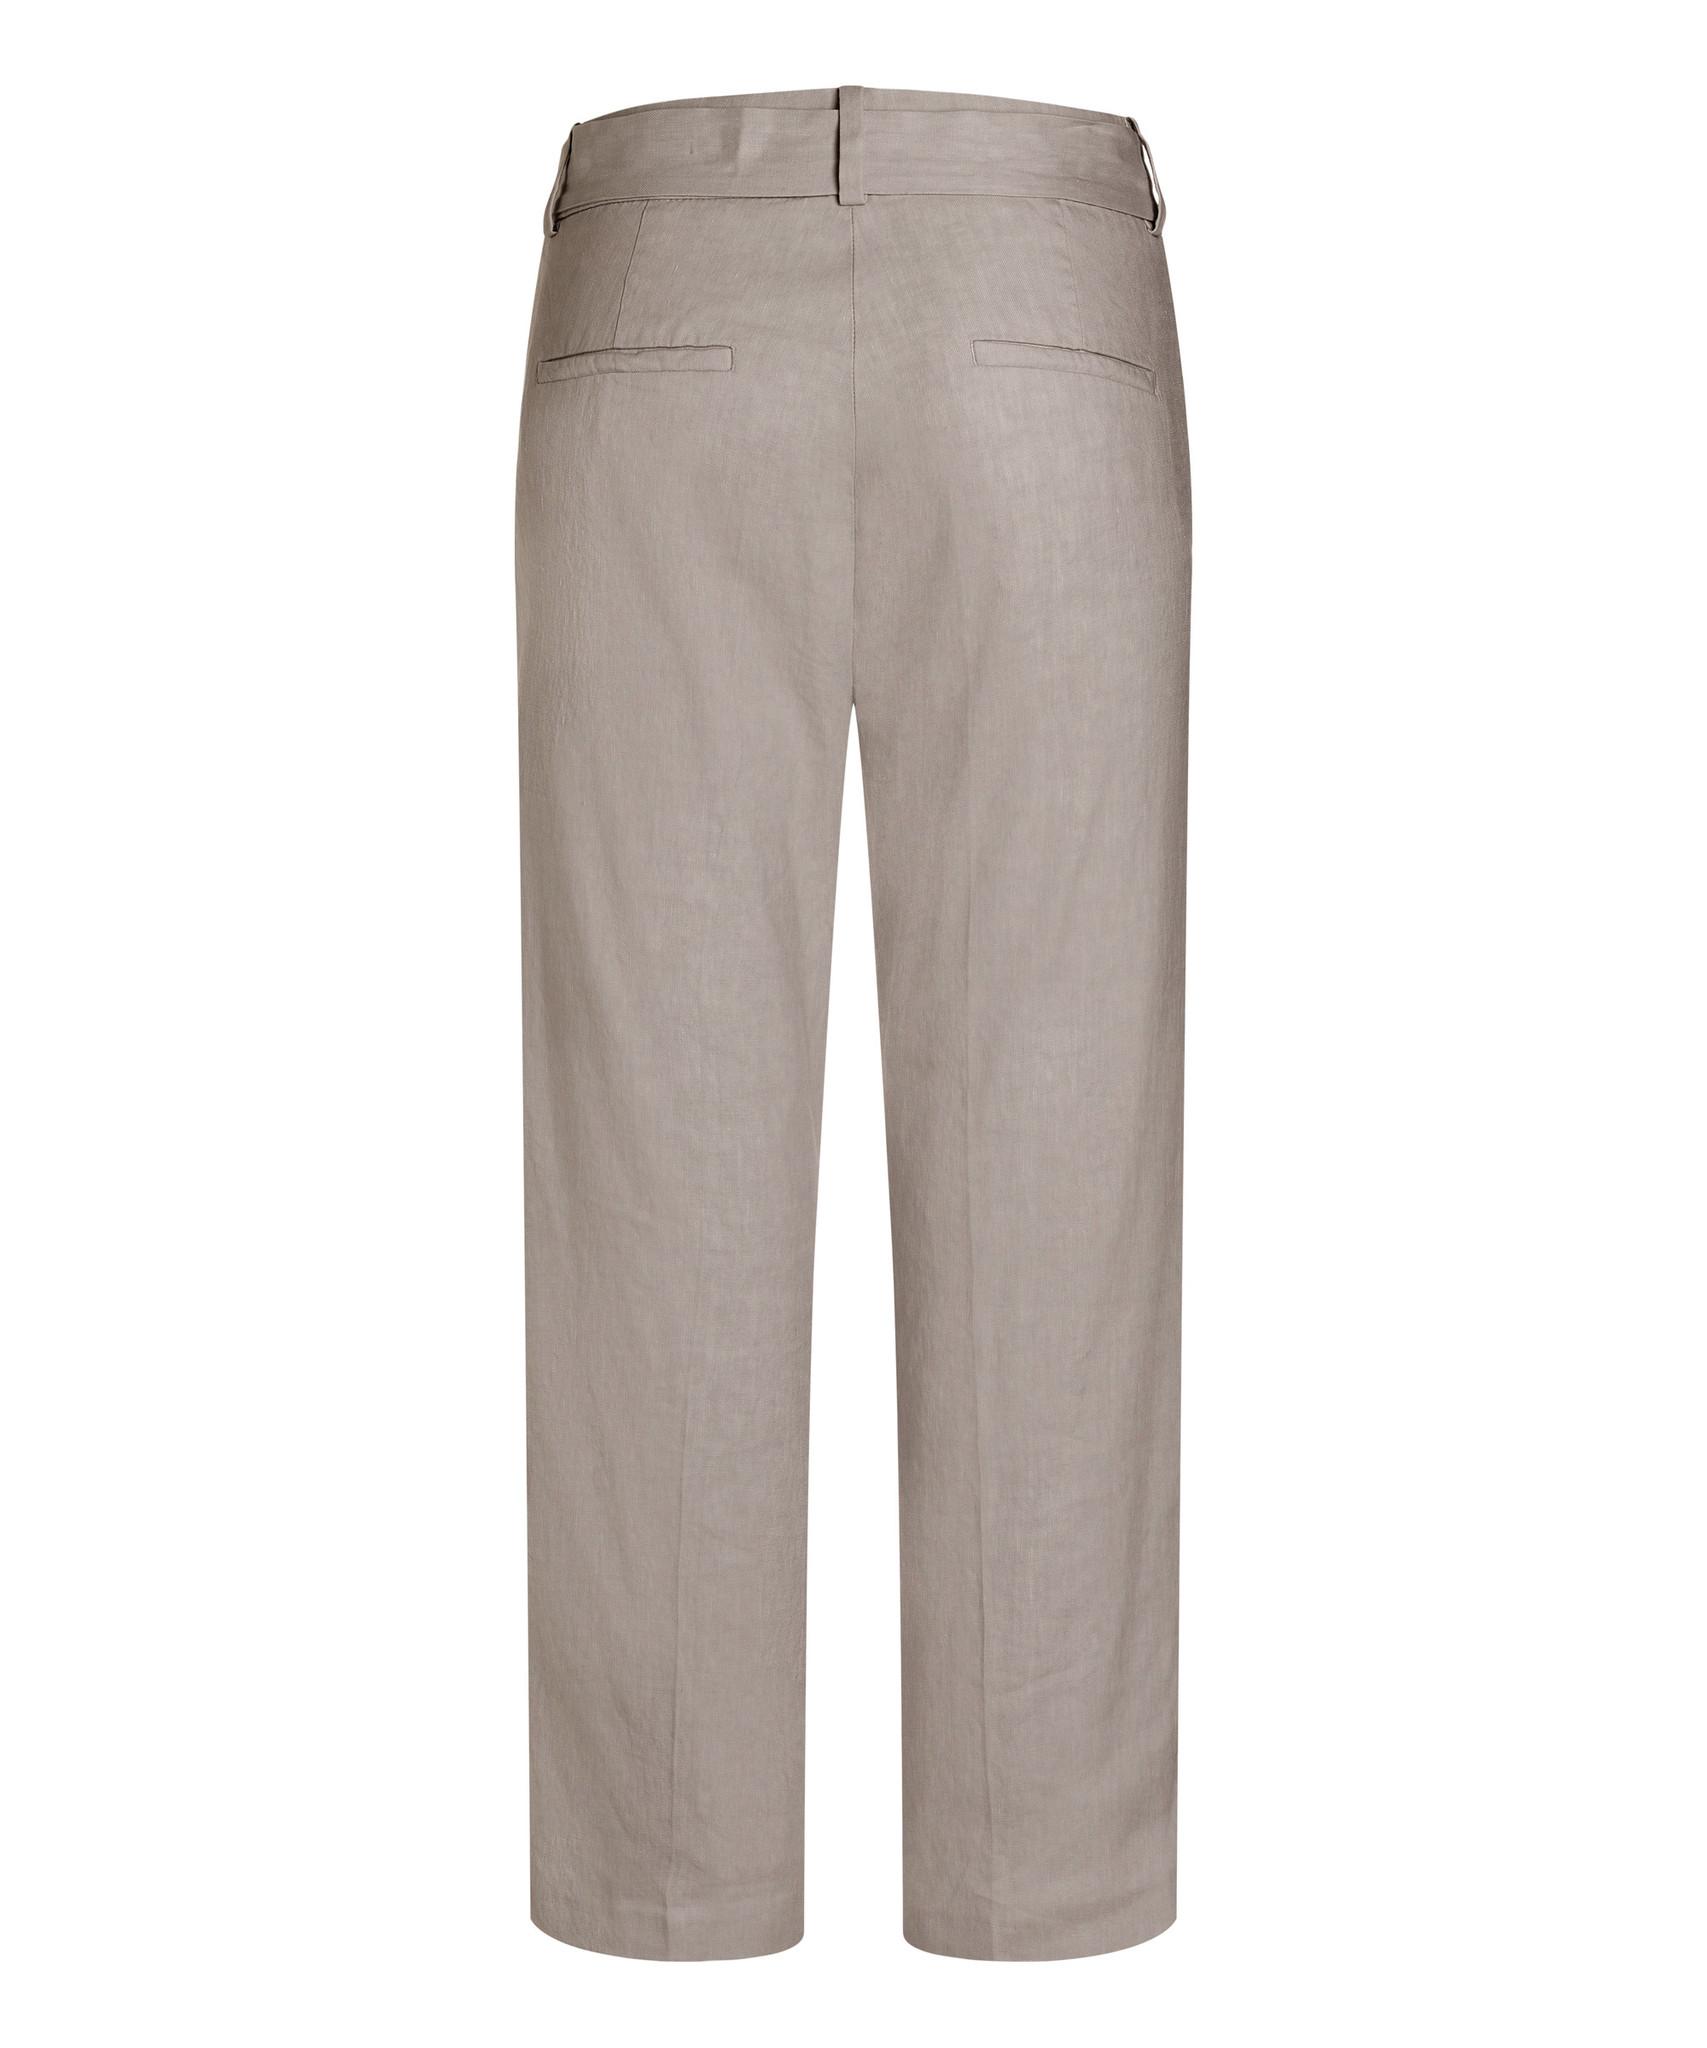 Cambio trouser 8003 CLAIRE-2